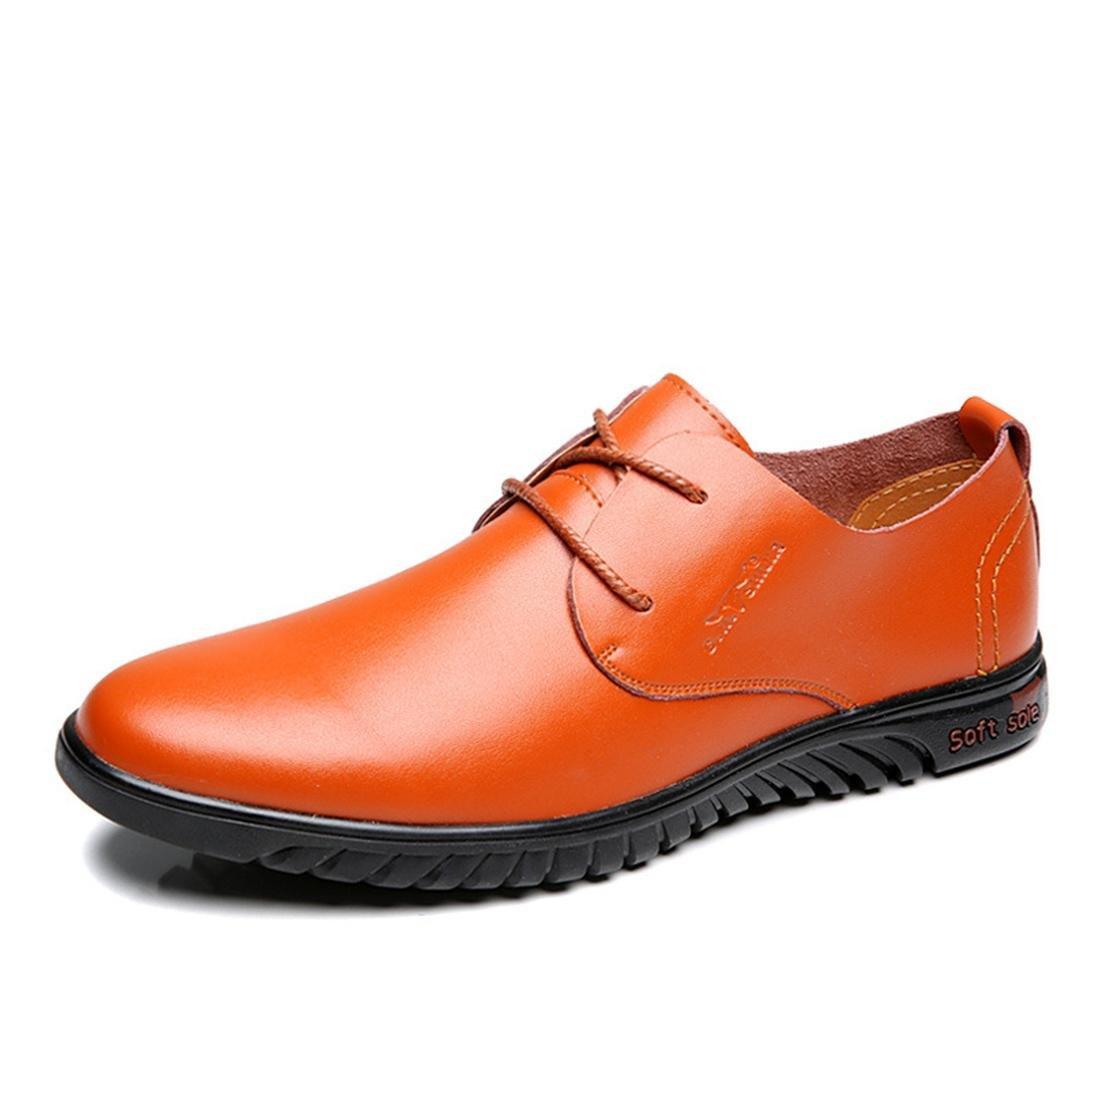 Herren Freizeit Lederschuhe Rutschfest Werkzeugschuhe Weicher Boden Formelle Kleidung Geschäft Flache Schuhe EUR GRÖSSE 38-44